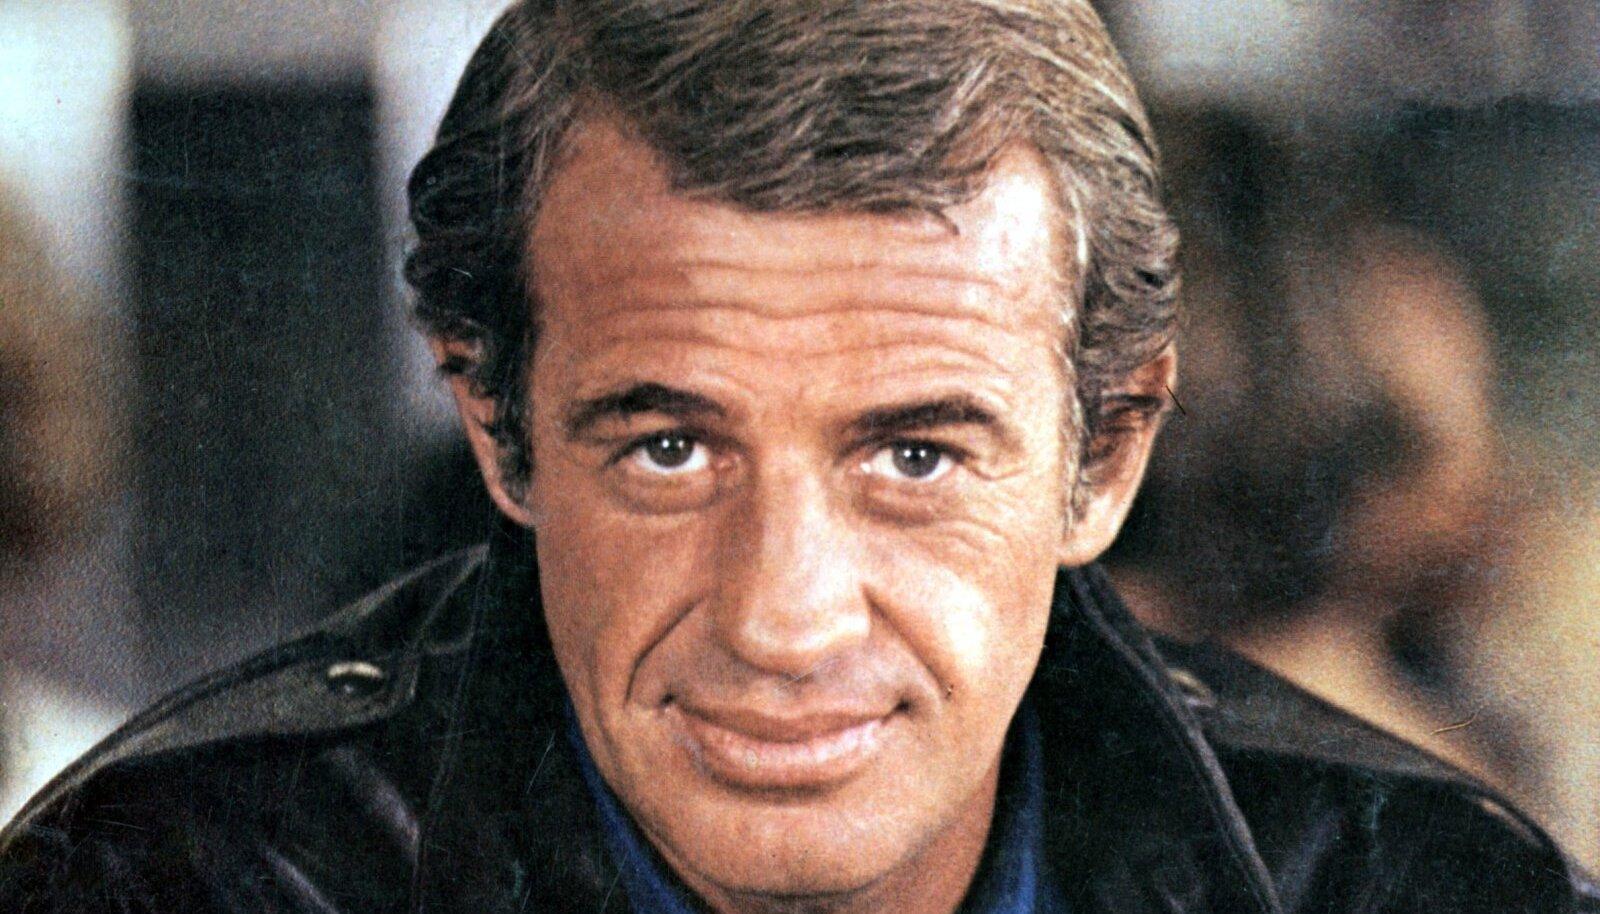 Jean-Paul Belmondo oli publiku lemmik enam kui poolsada aastat. Foto on tehtud 1979. aastal.